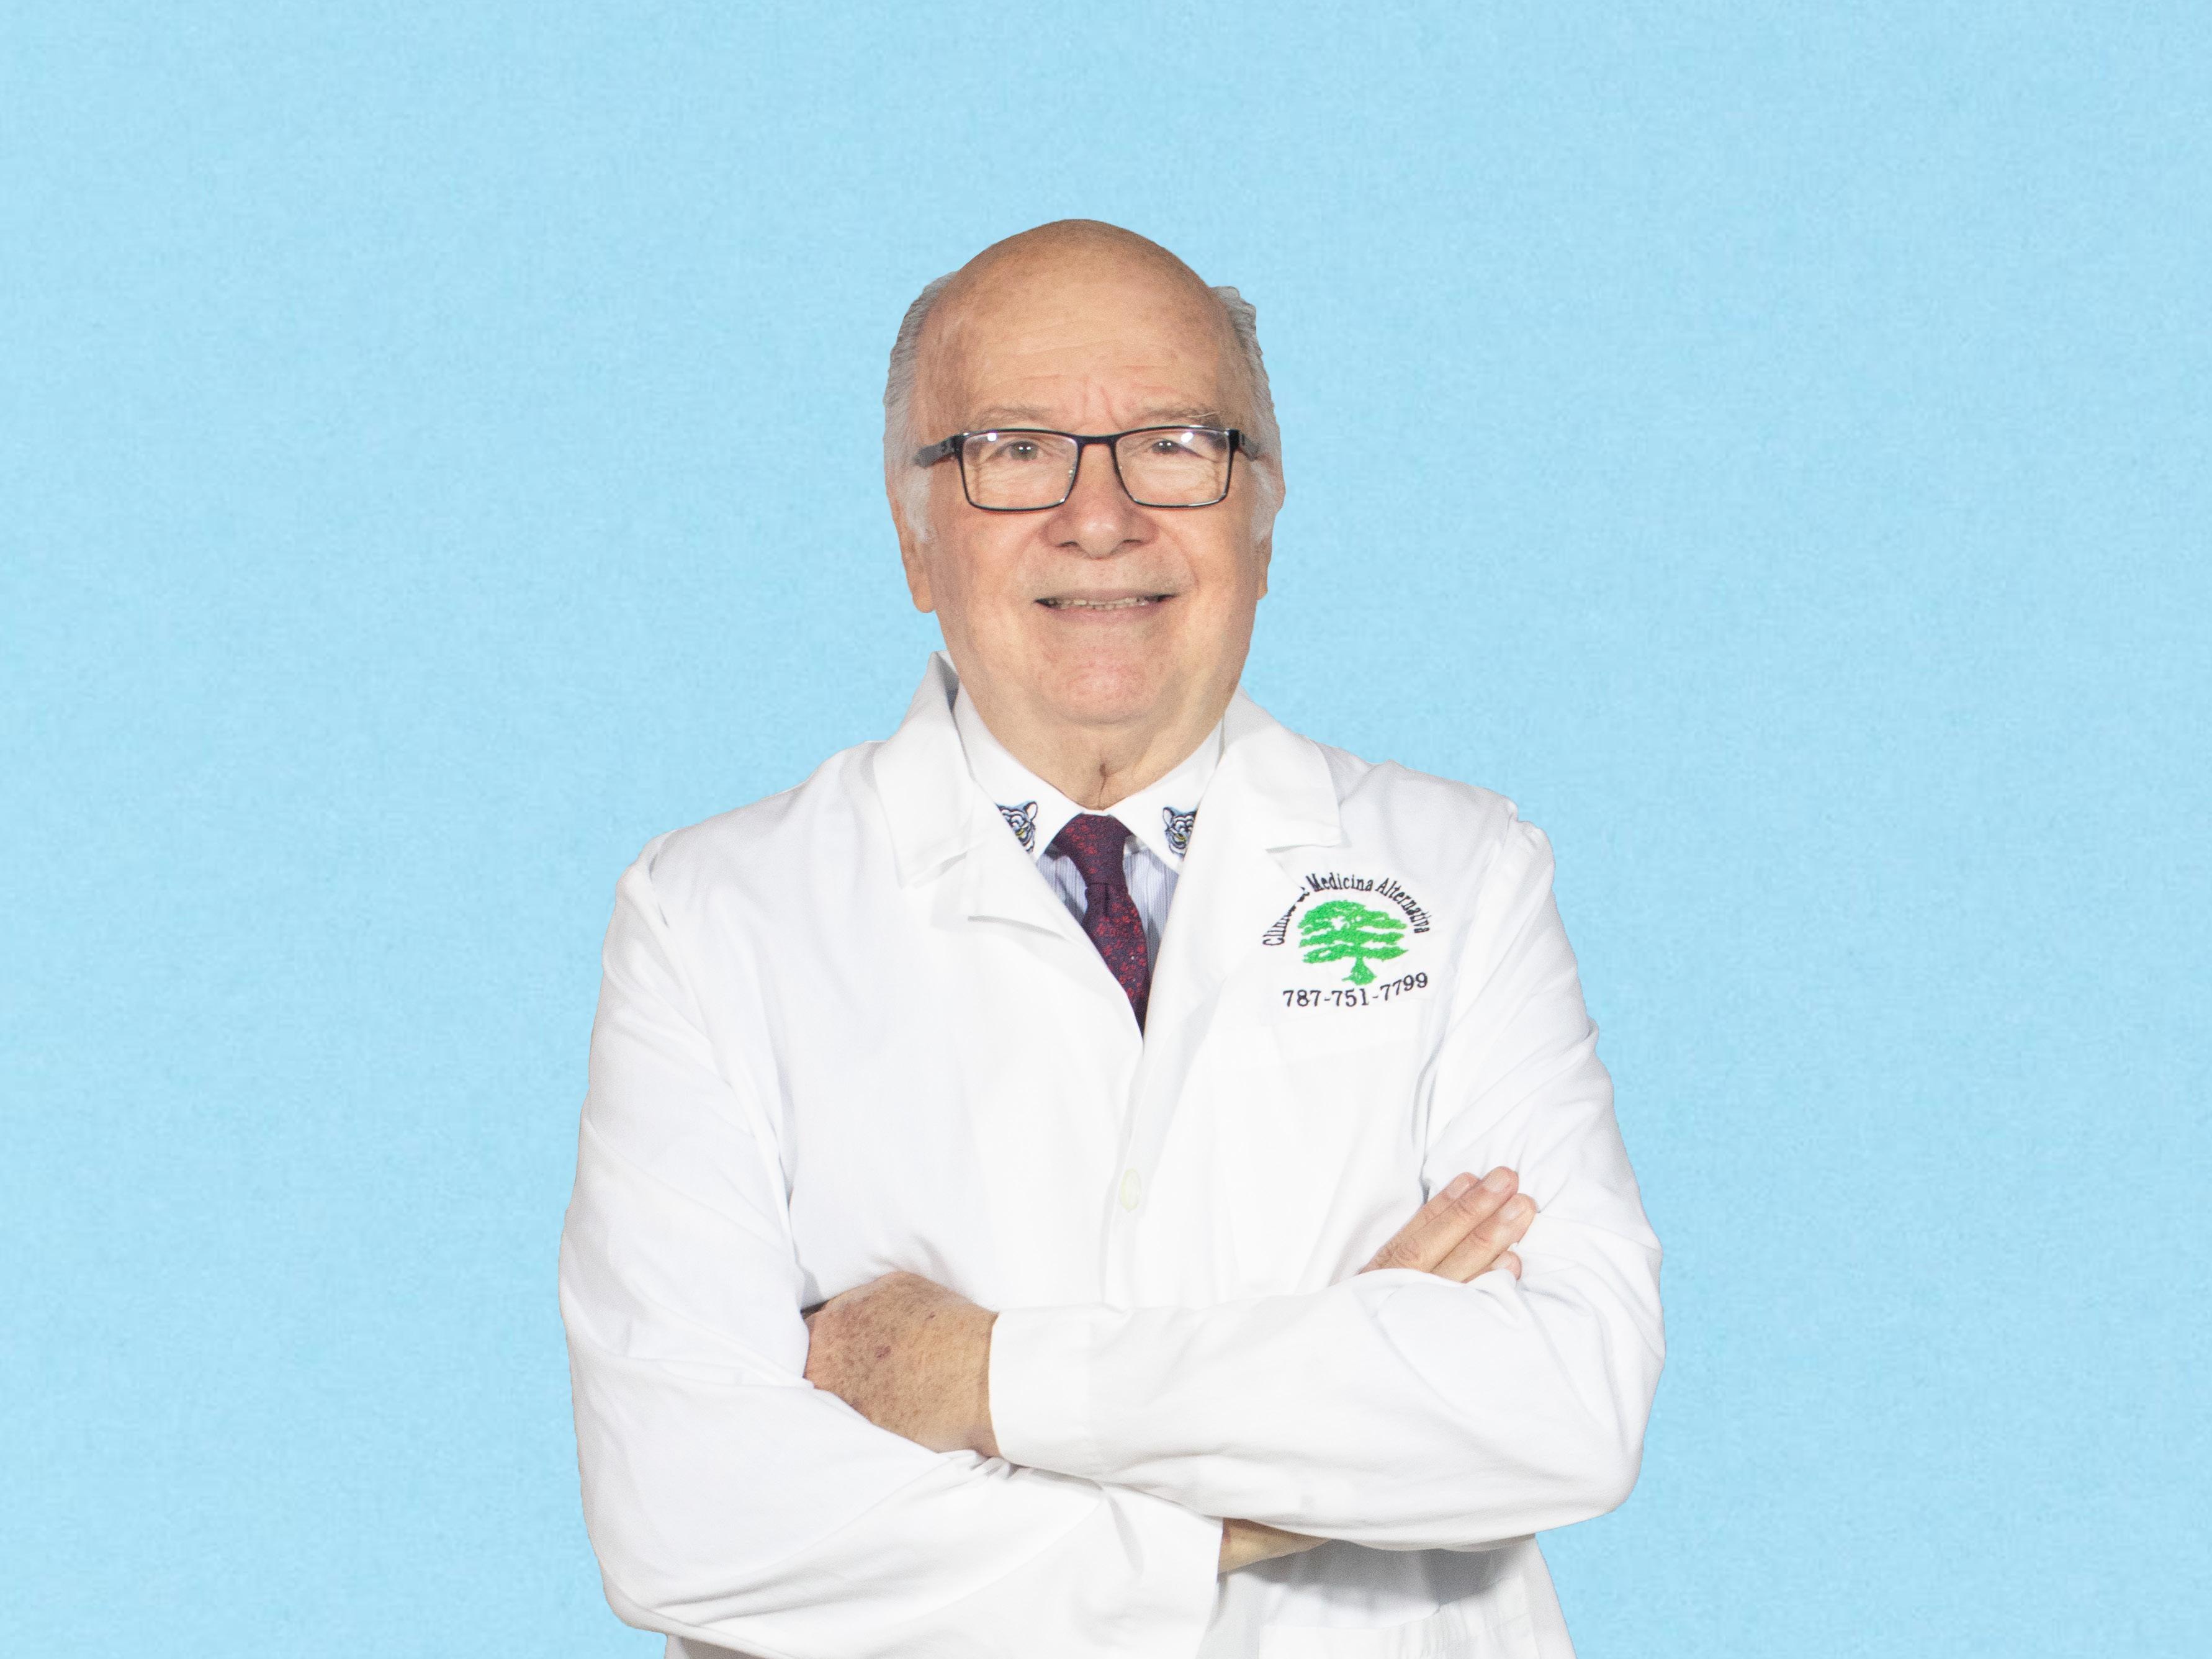 Page 20 of Dr. Herger: Uno de los factores básicos para la la salud y la vida es la energía